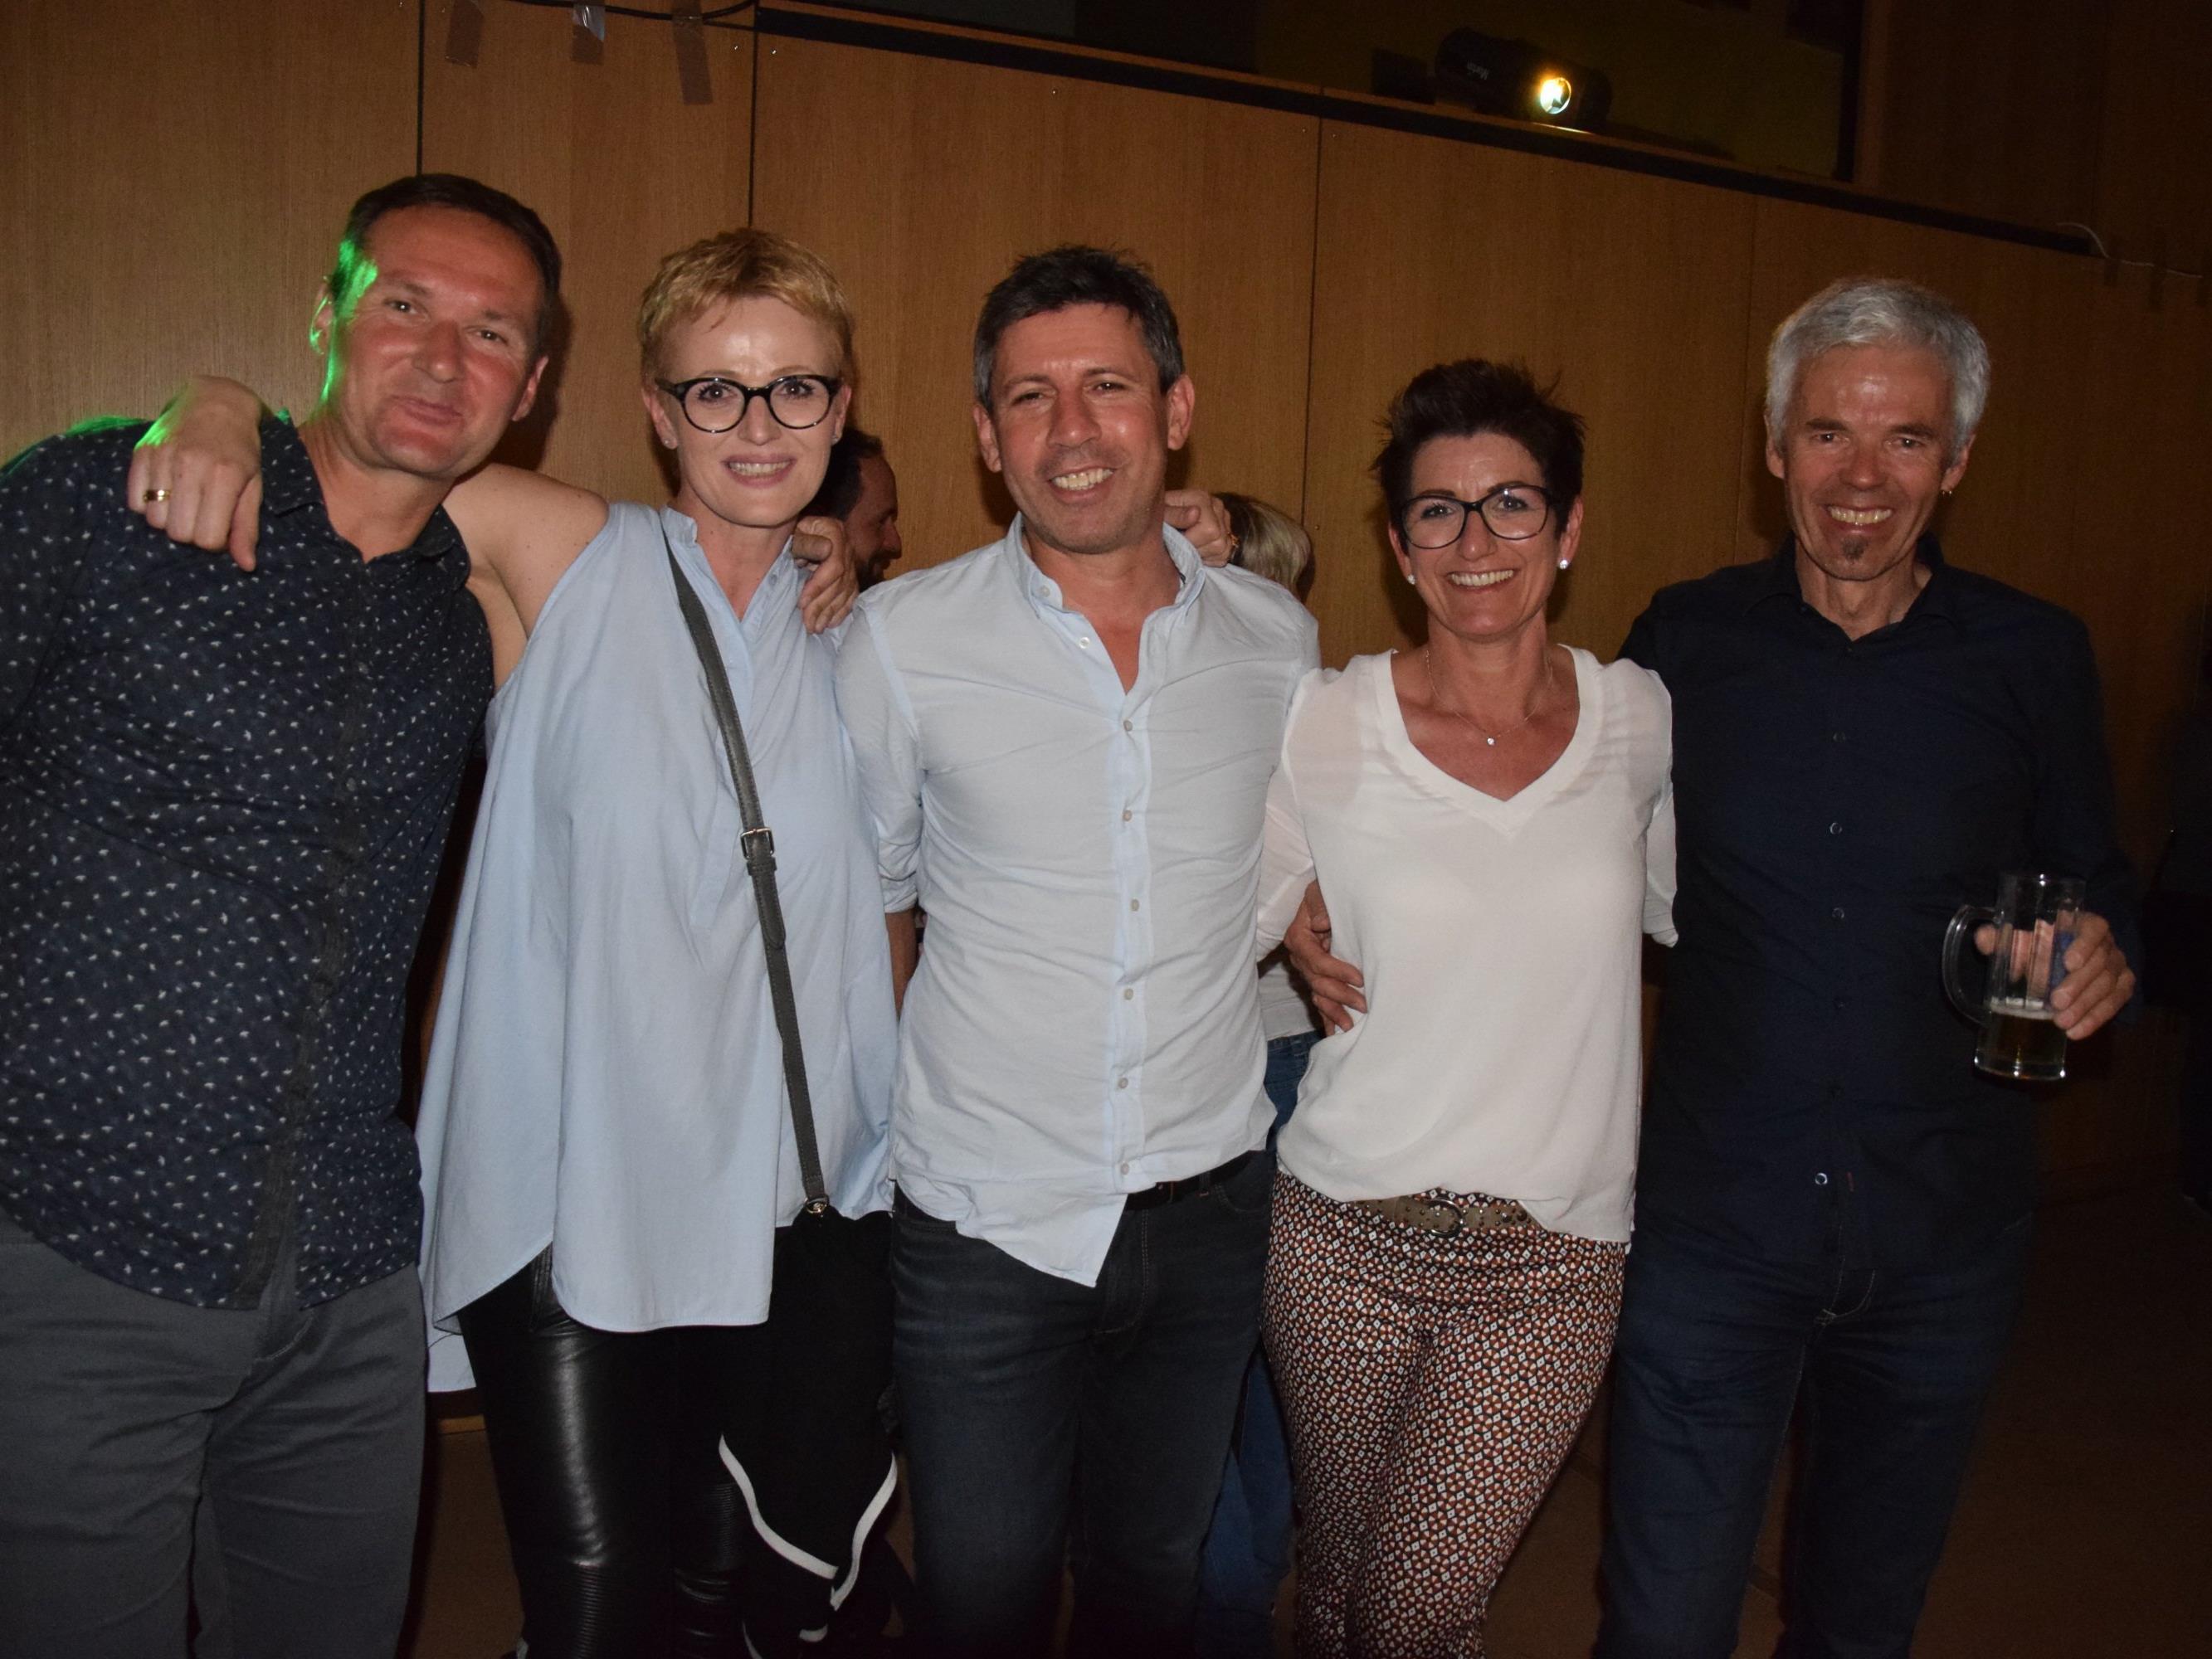 v.l. auch Werner, Verena, Helmut, Daniela und Erich hatten Spaß bei der Ü39 Party